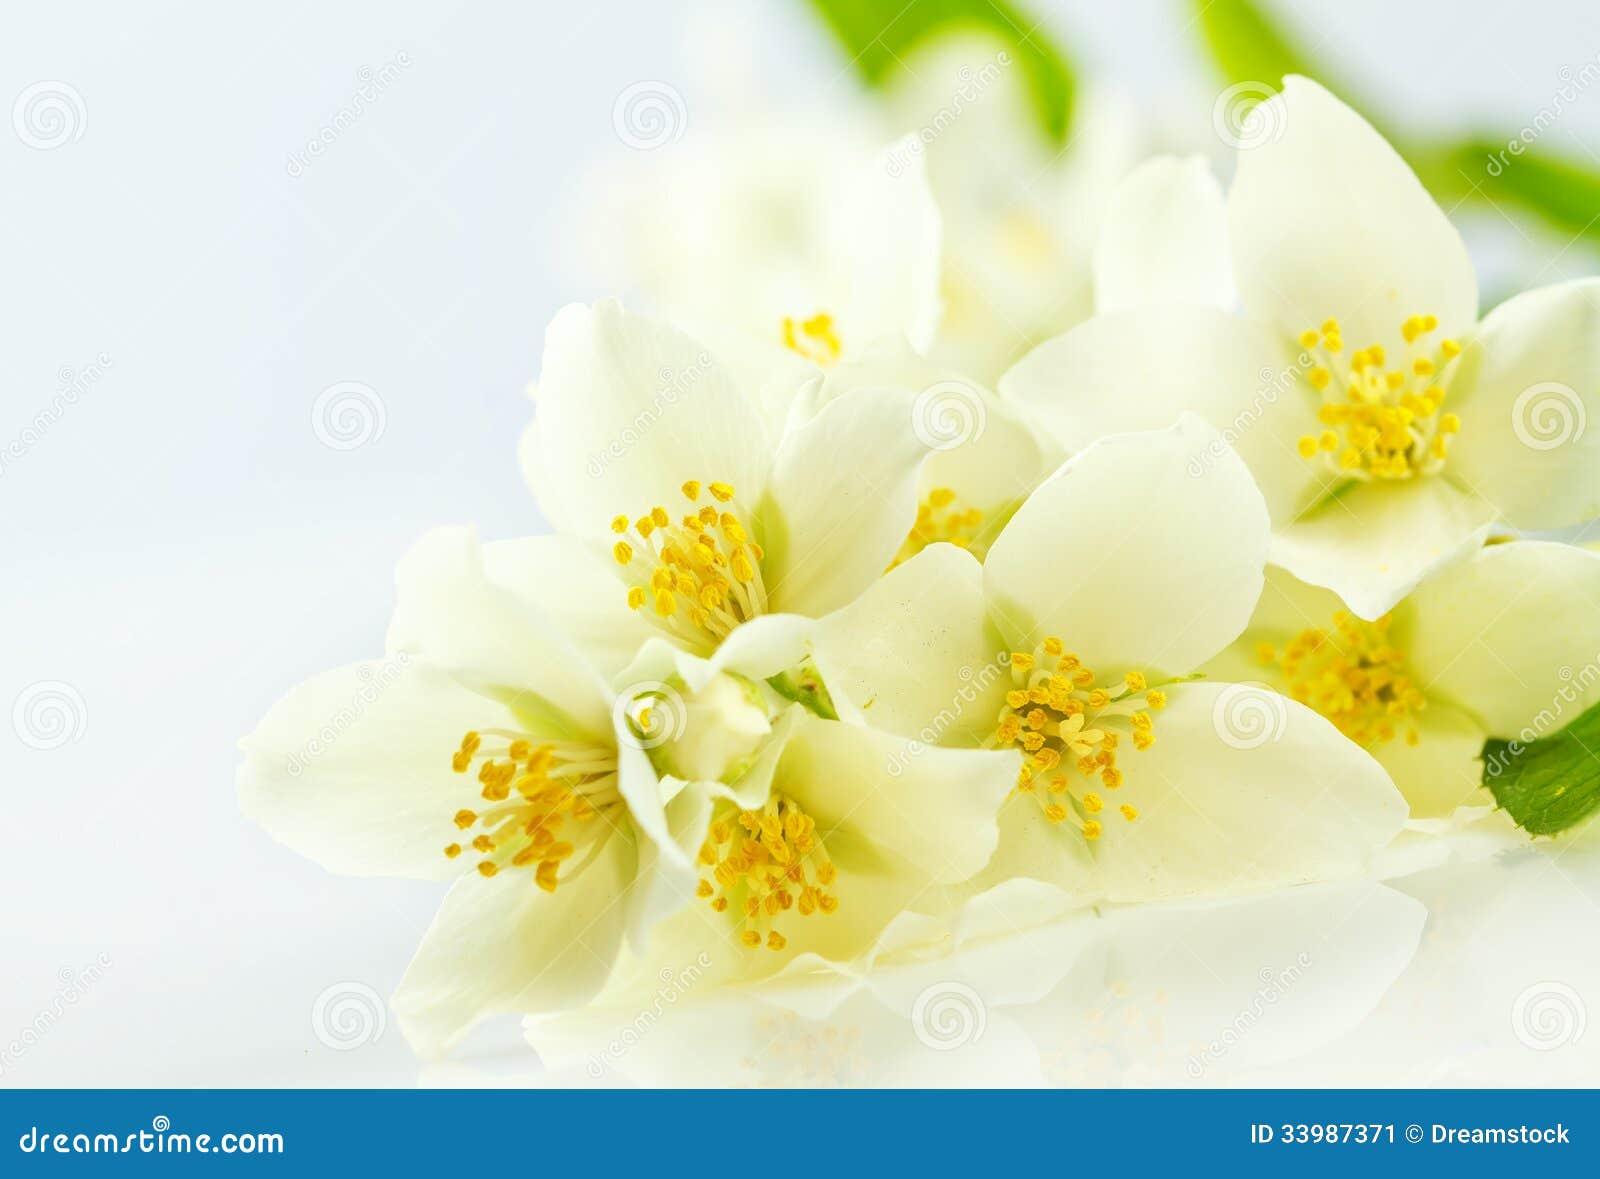 jasmine flower stock image image 33987371. Black Bedroom Furniture Sets. Home Design Ideas